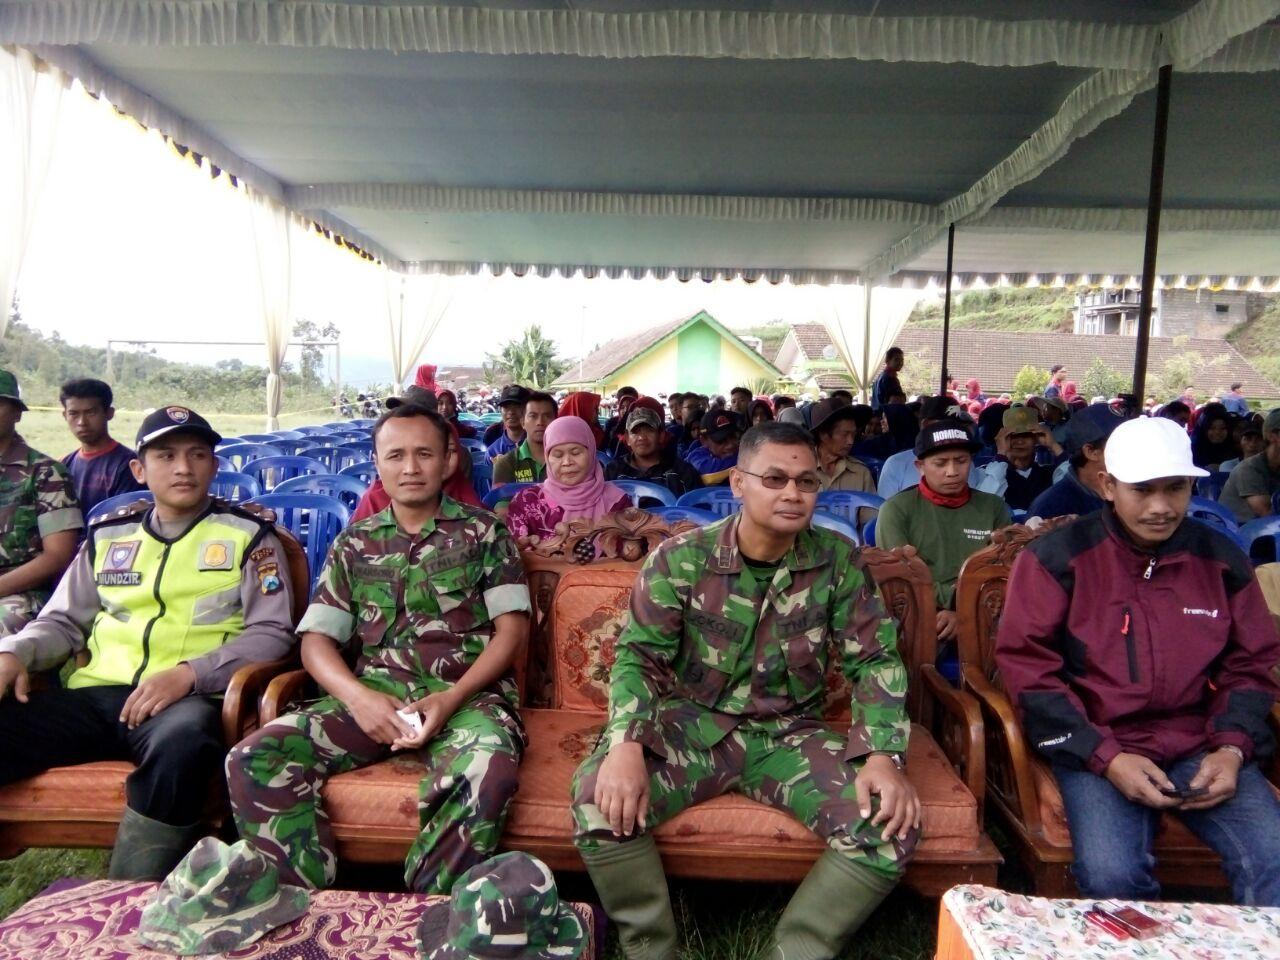 Bhabin Polsek Pujon Polsek Batu Melaksanakan Giat Penghijauan di Desa Madirejo